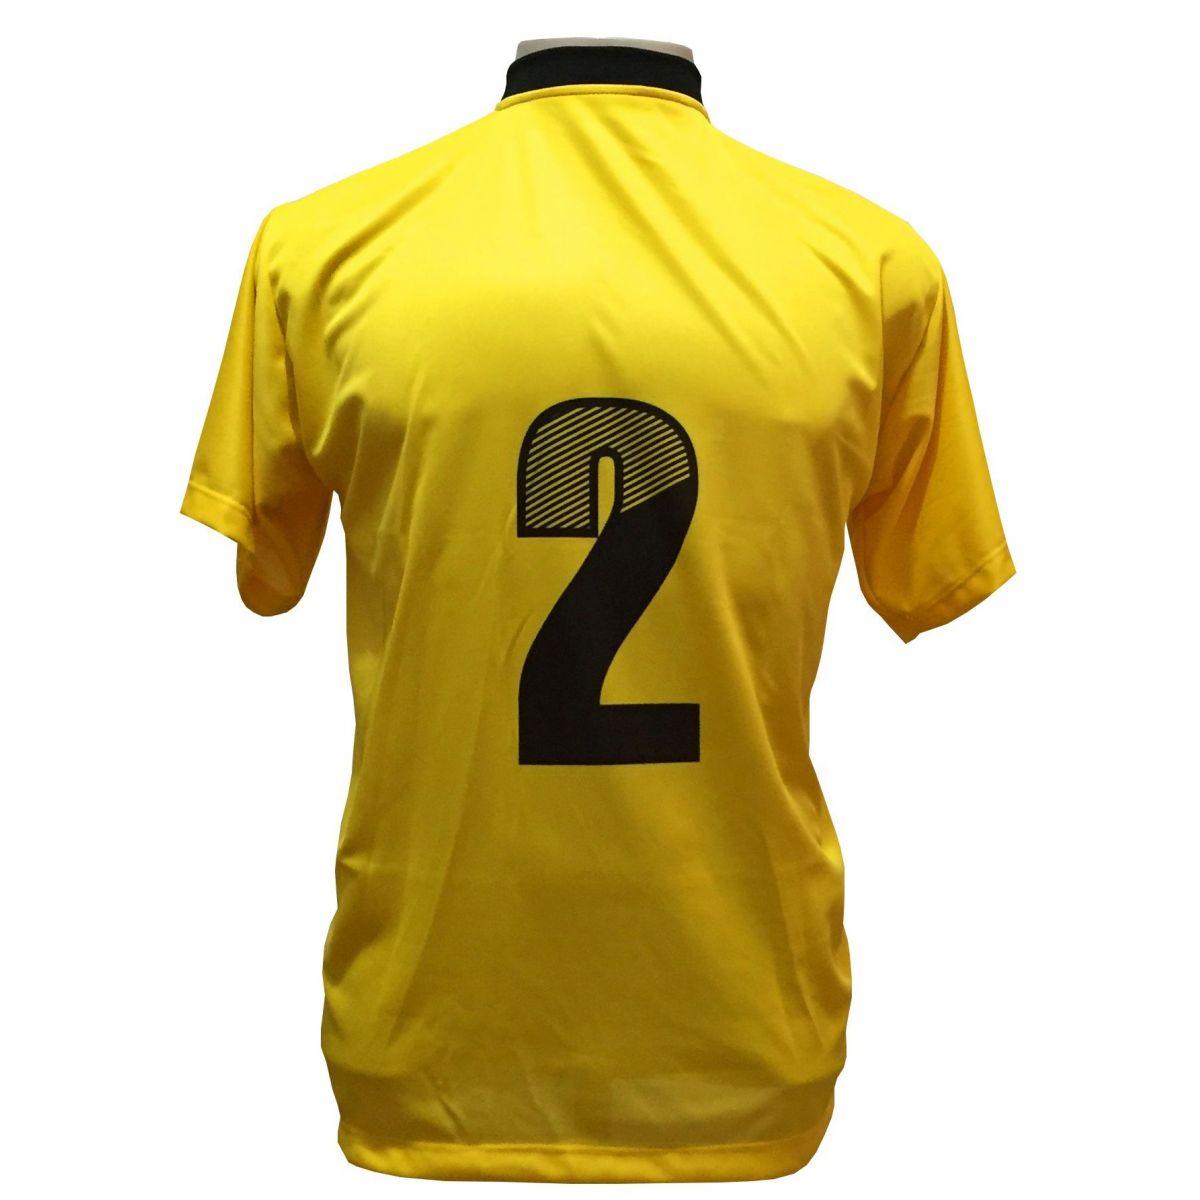 Jogo de Camisa com 12 unidades modelo Roma Amarelo/Preto + 1 Goleiro + Brindes